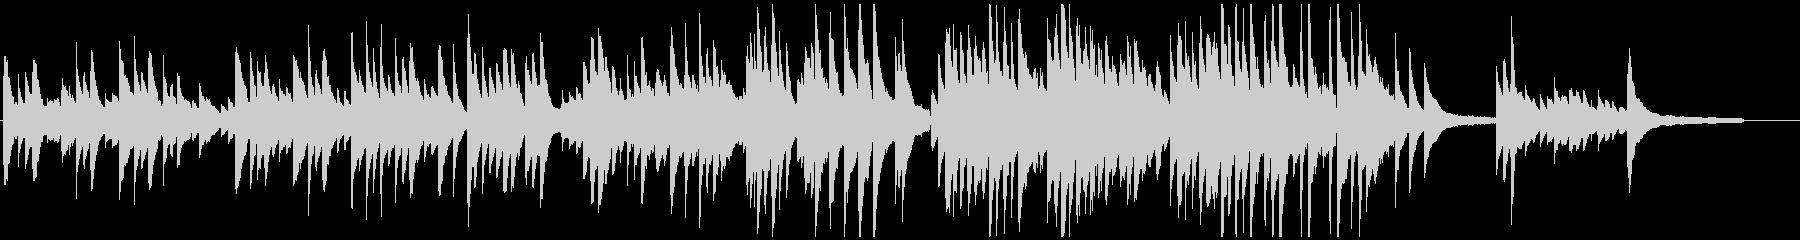 【ピアノソロ】ウエディング・思い出・感動の未再生の波形